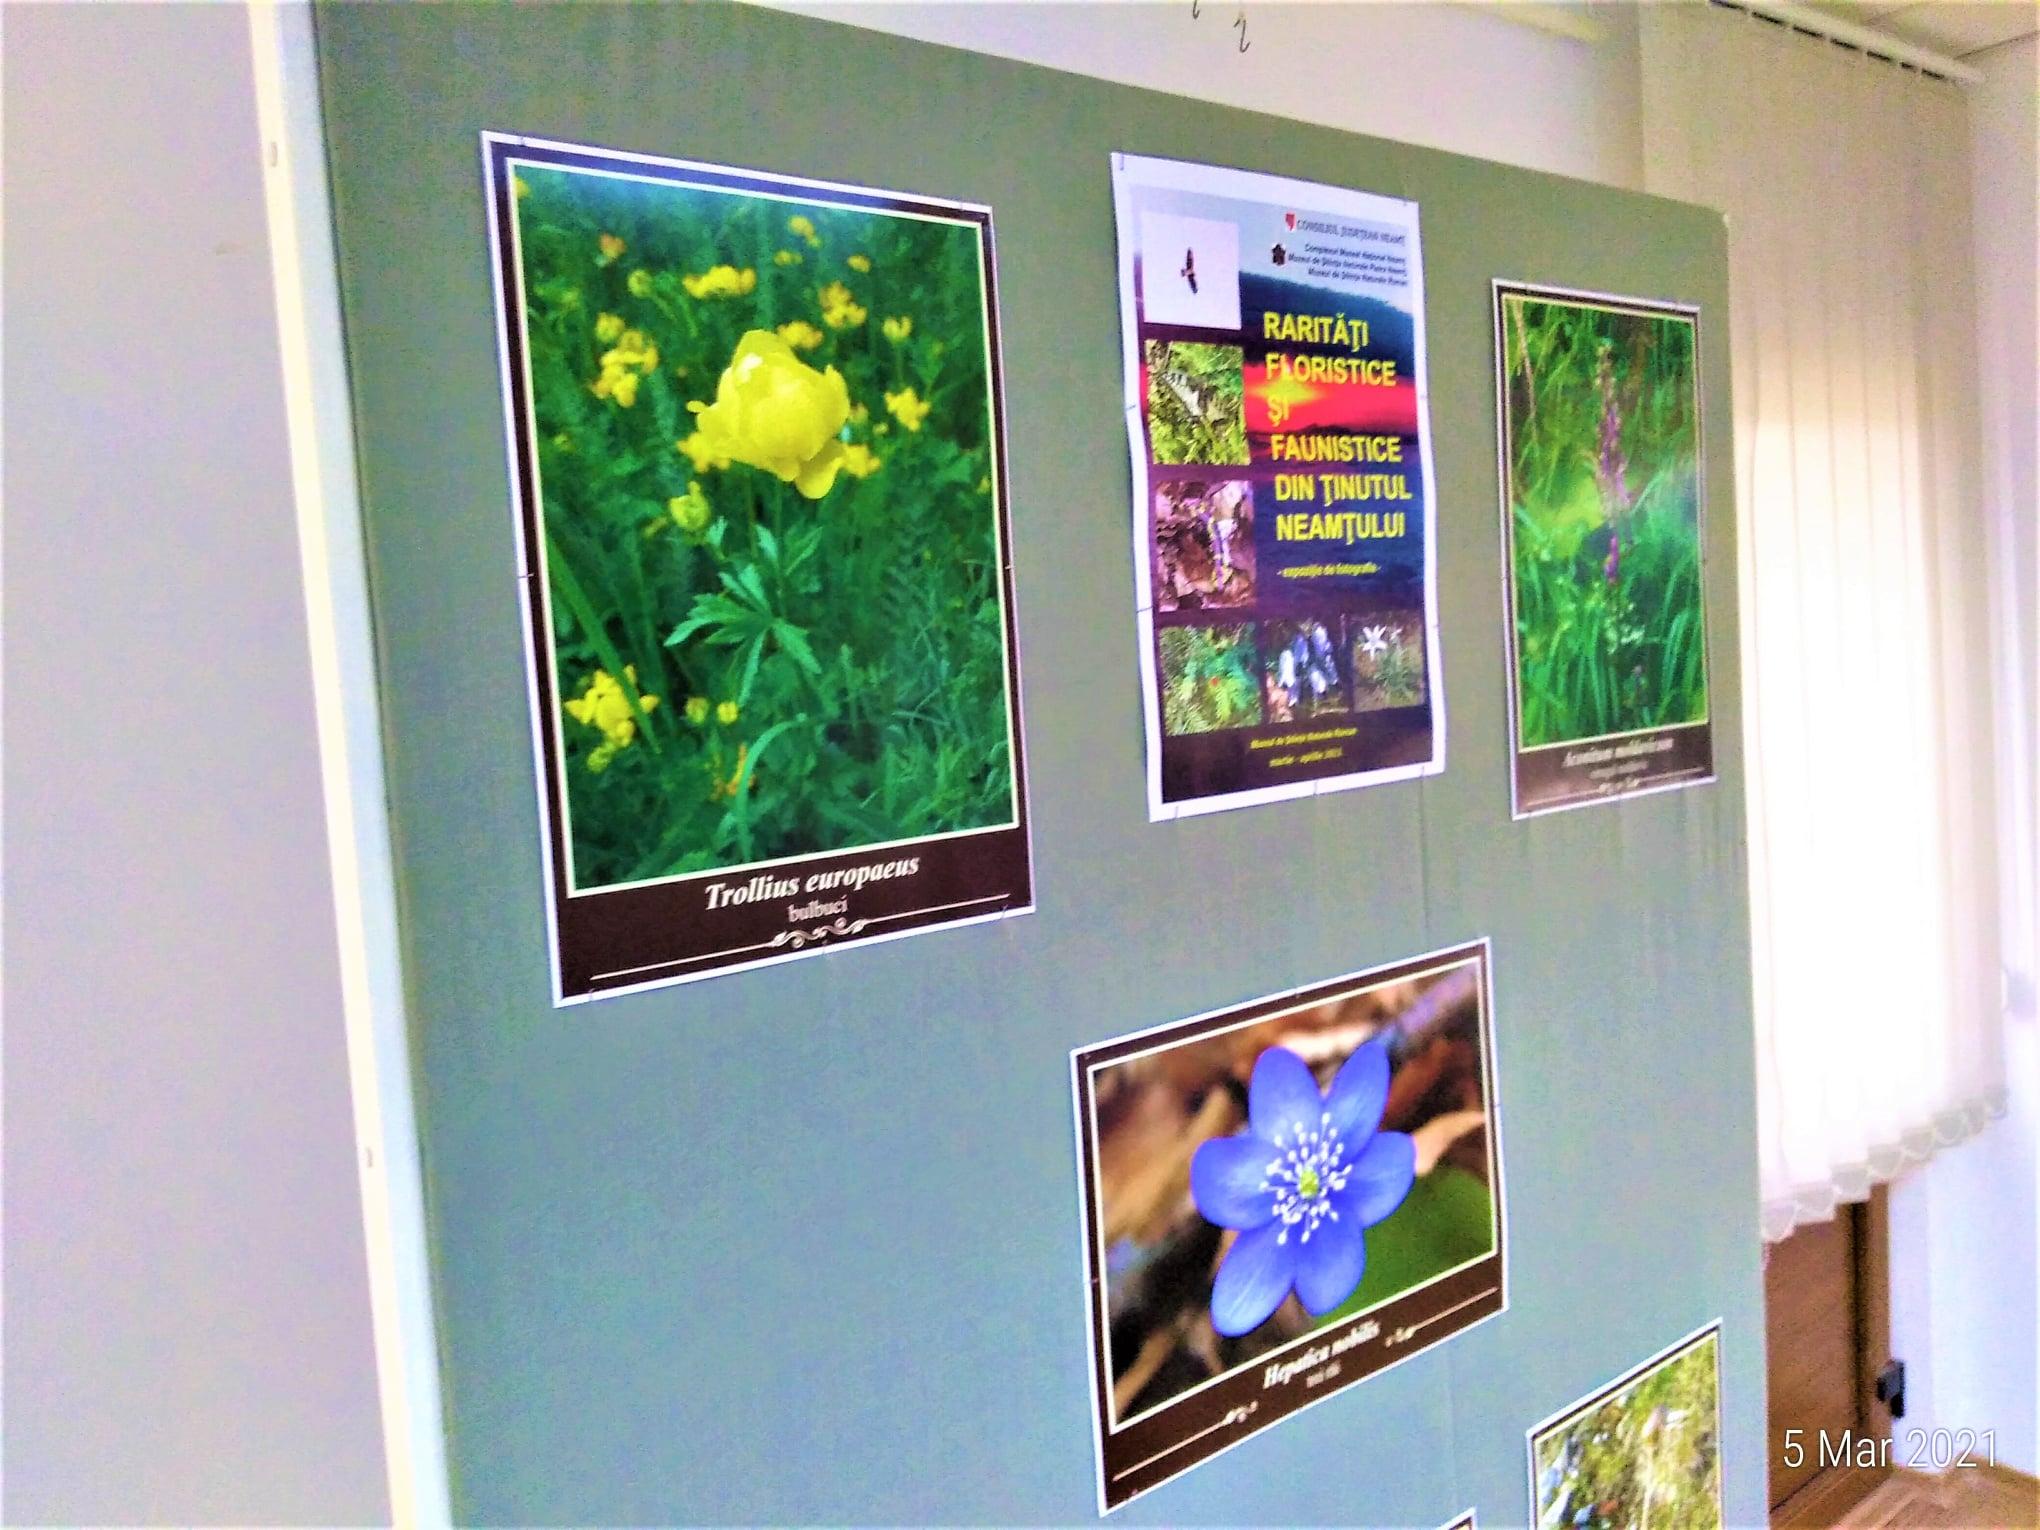 """Expoziția """"Rarităţi floristice și faunistice din ţinutul Neamţului"""", la Muzeul de Științe Naturale"""